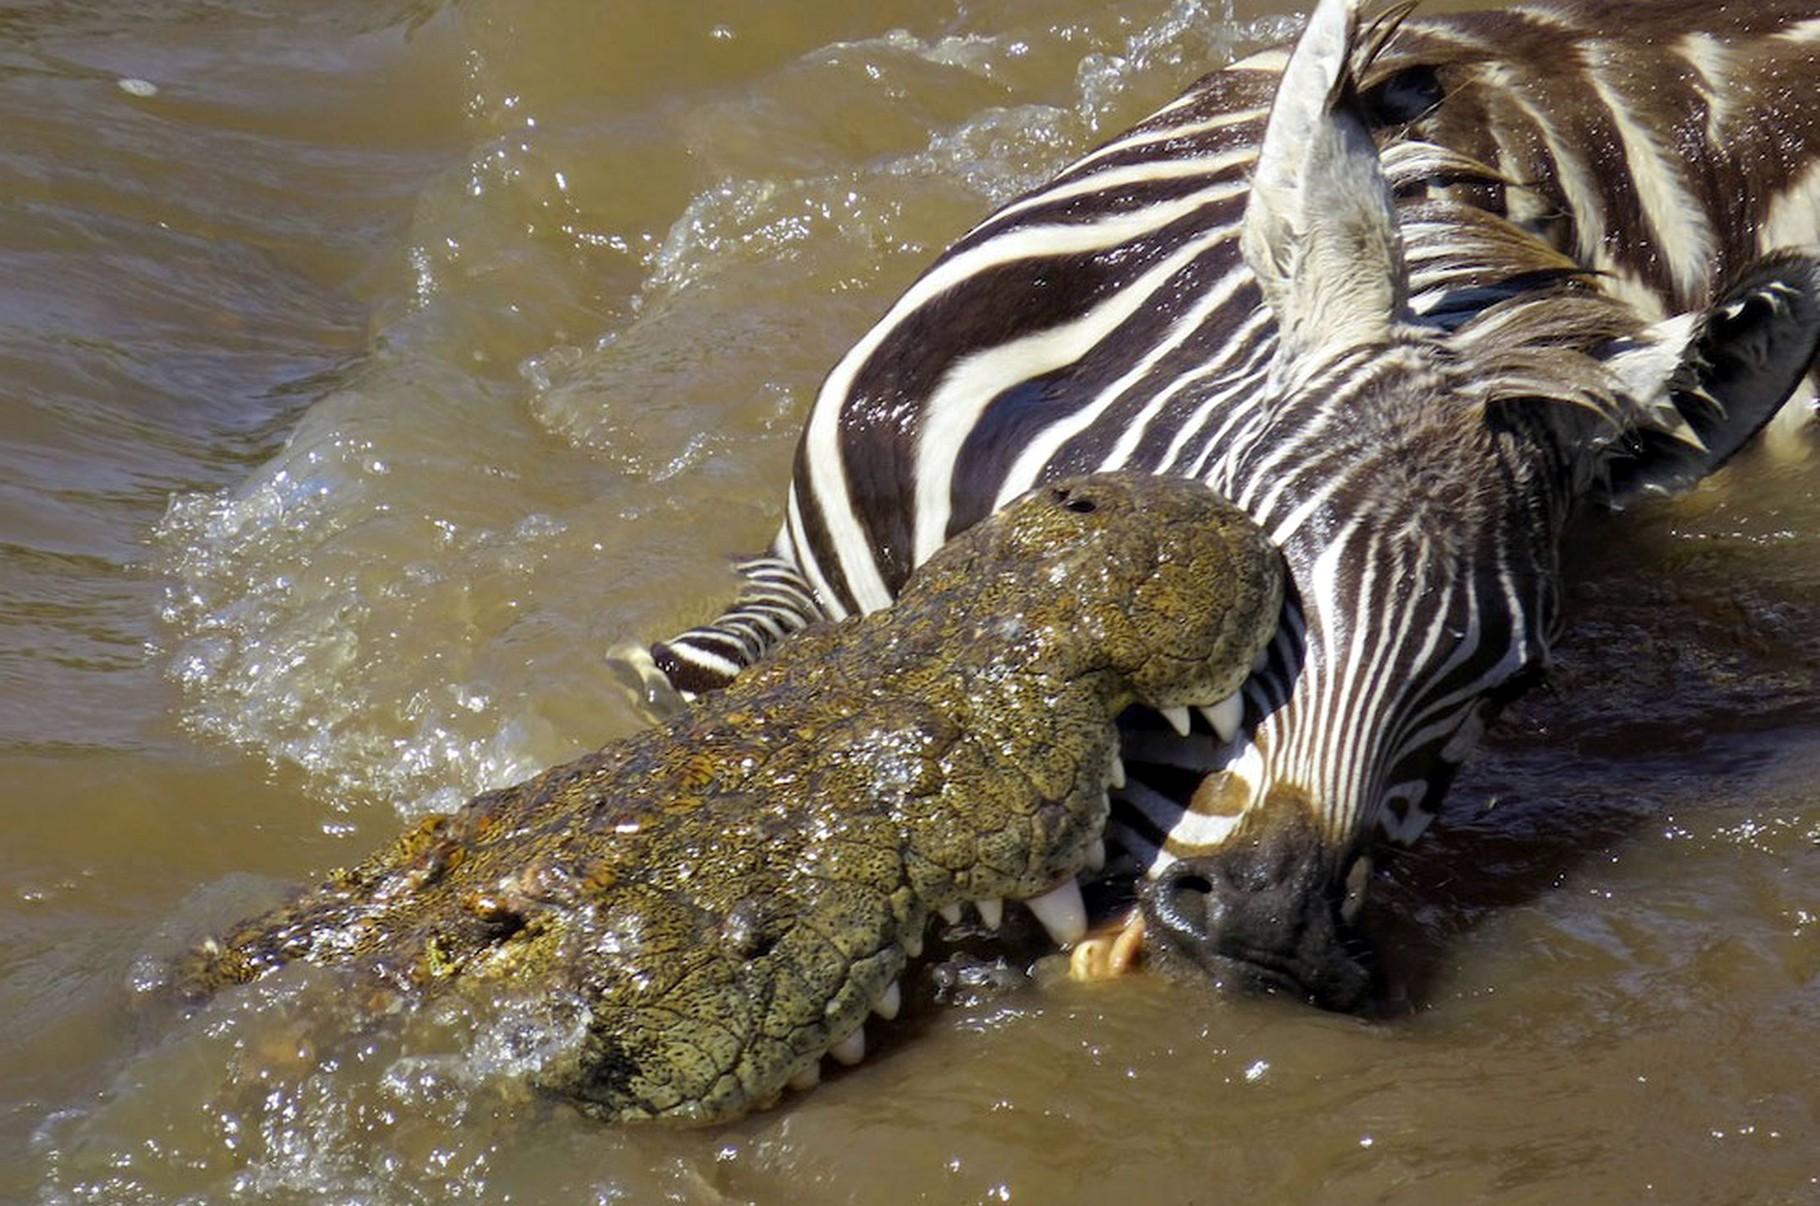 Coccodrillo vs. Zebra